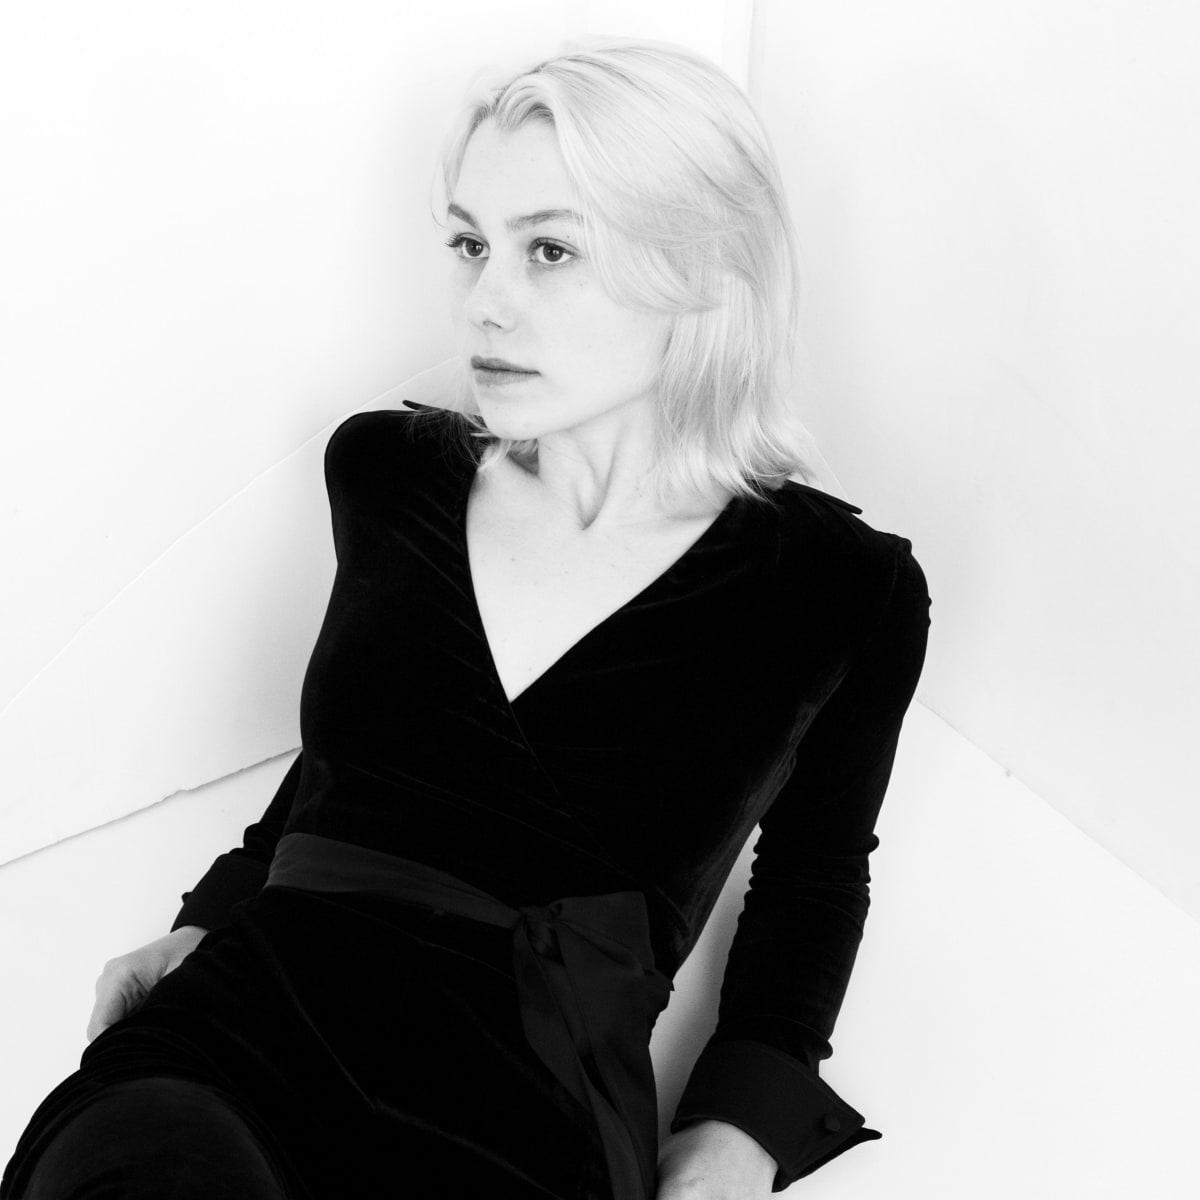 Phoebe_Bridgers_Frank_Ockenfels